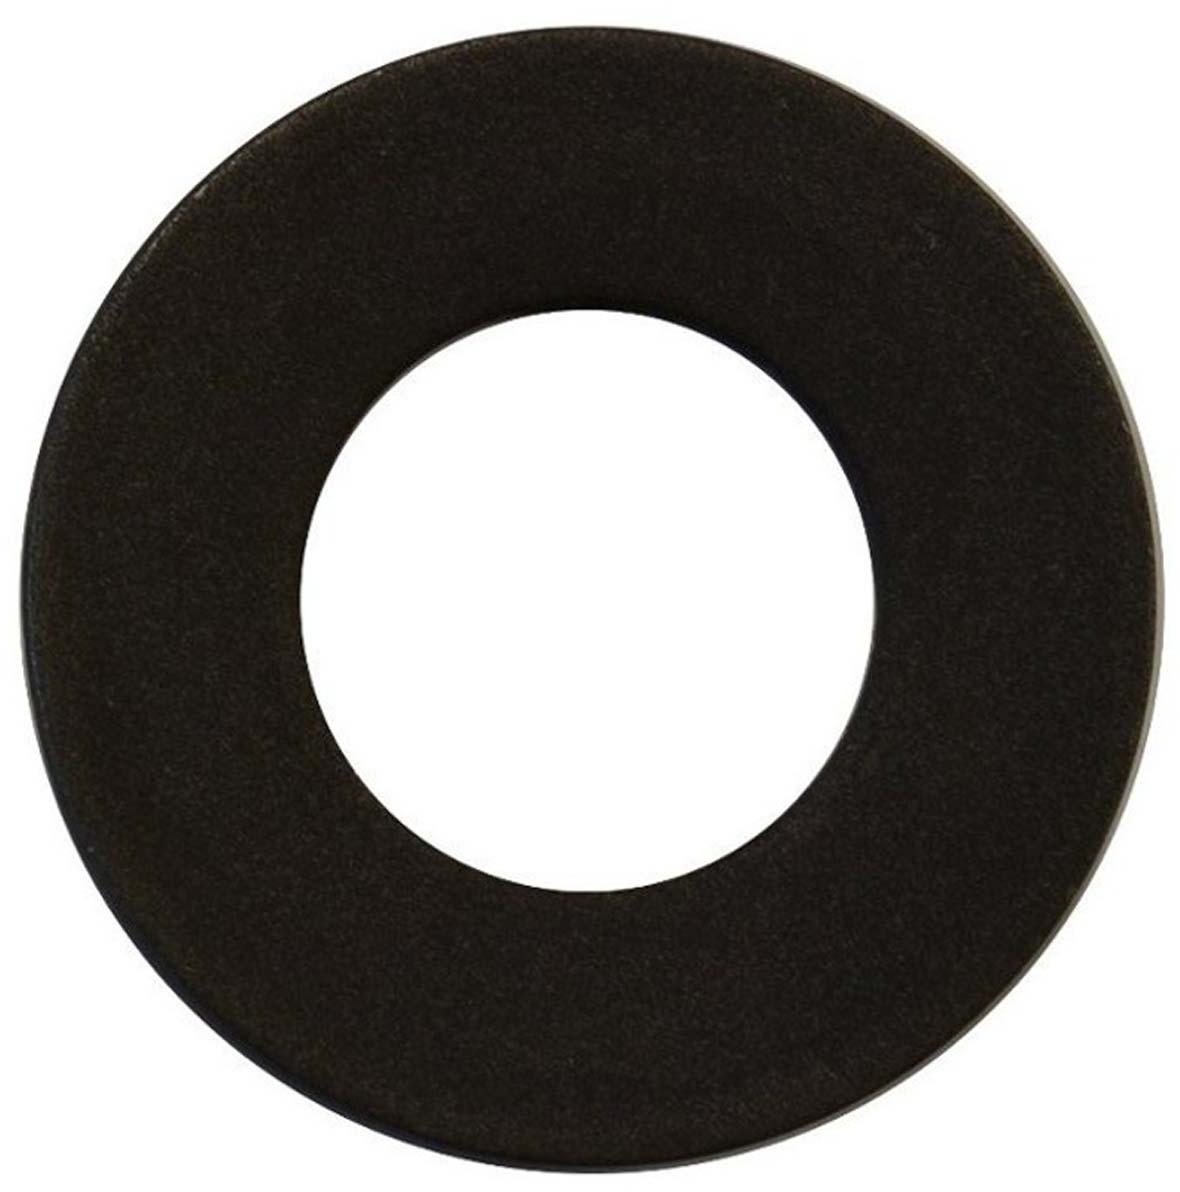 Прокладка резиновая для воды MasterProf, 3/4, 100 шт, MP-пакет набор сантехнических прокладок сантехник 4 для смесителя